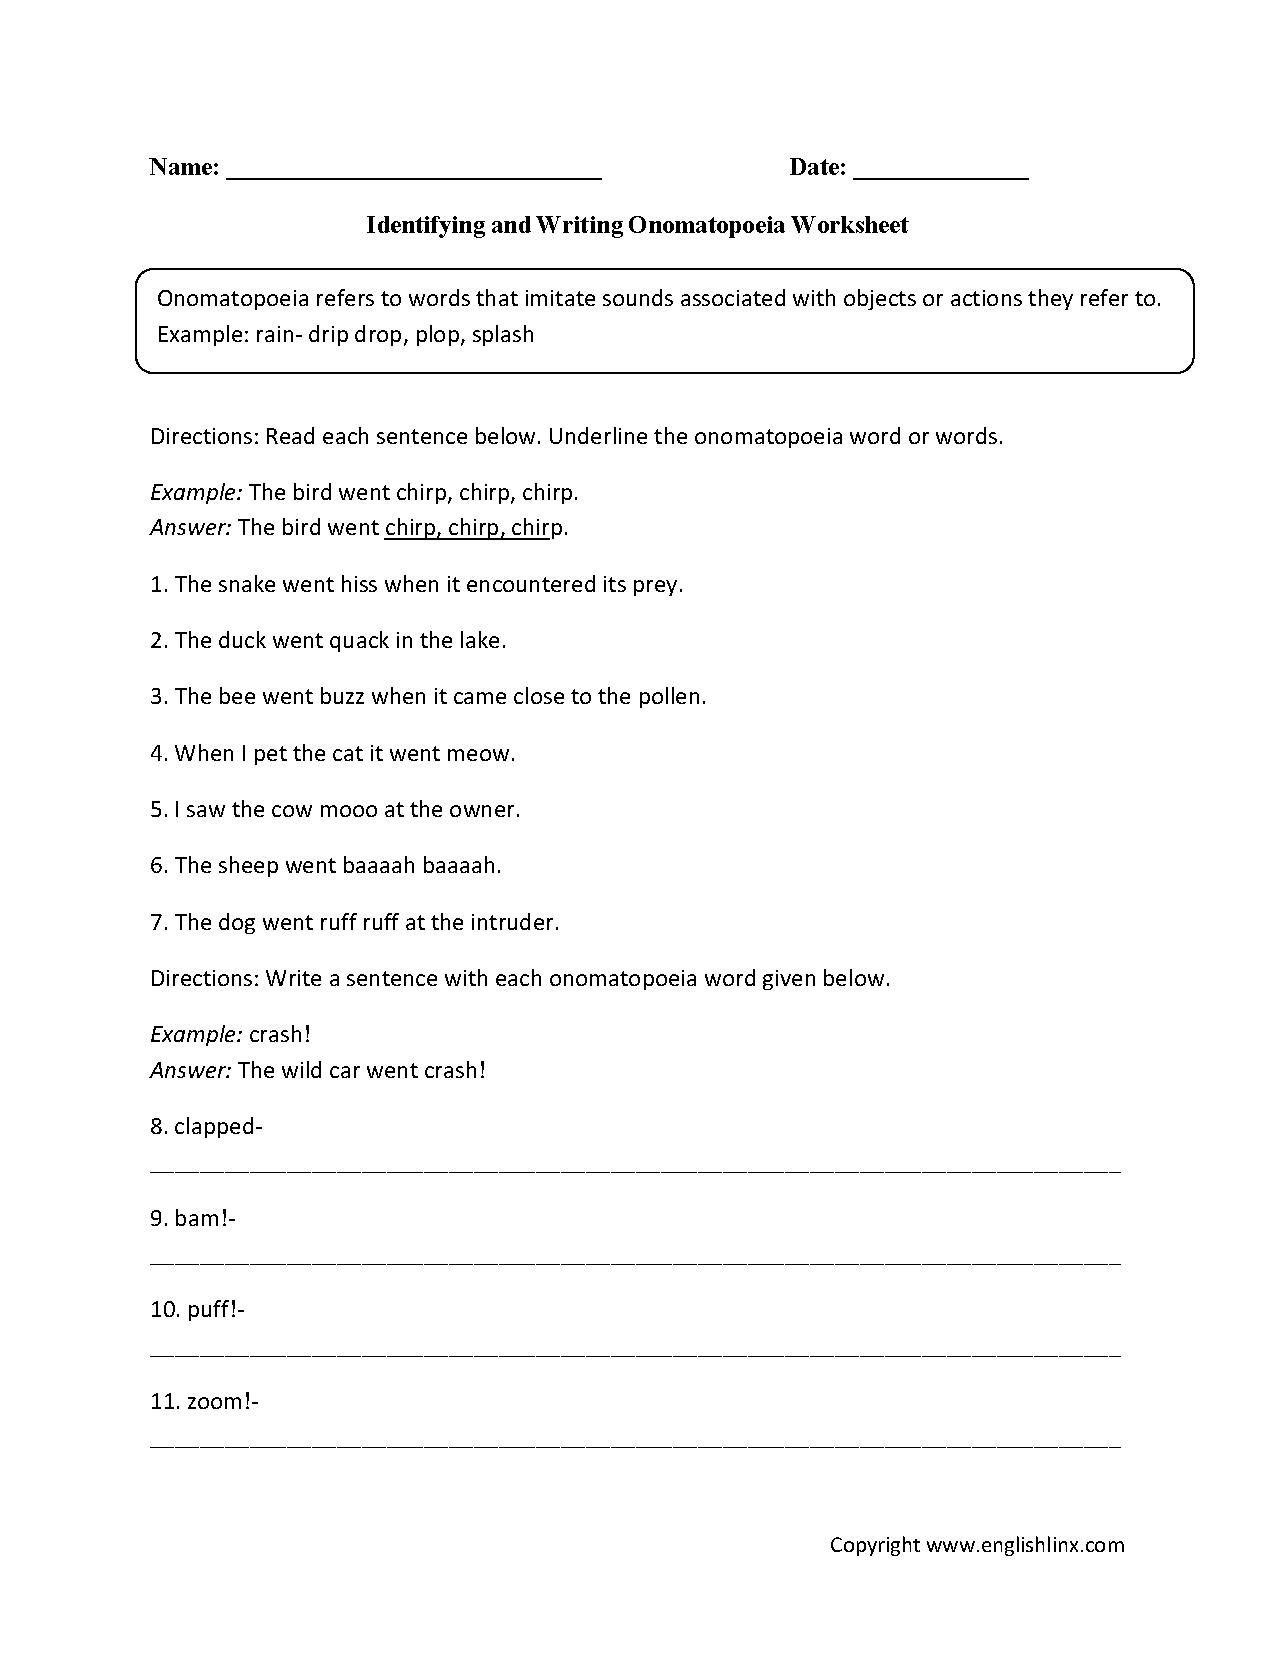 Identifying And Writing Onomatopoeia Worksheet Onomatopoeia Figurative Language Worksheet Worksheets [ 1662 x 1275 Pixel ]